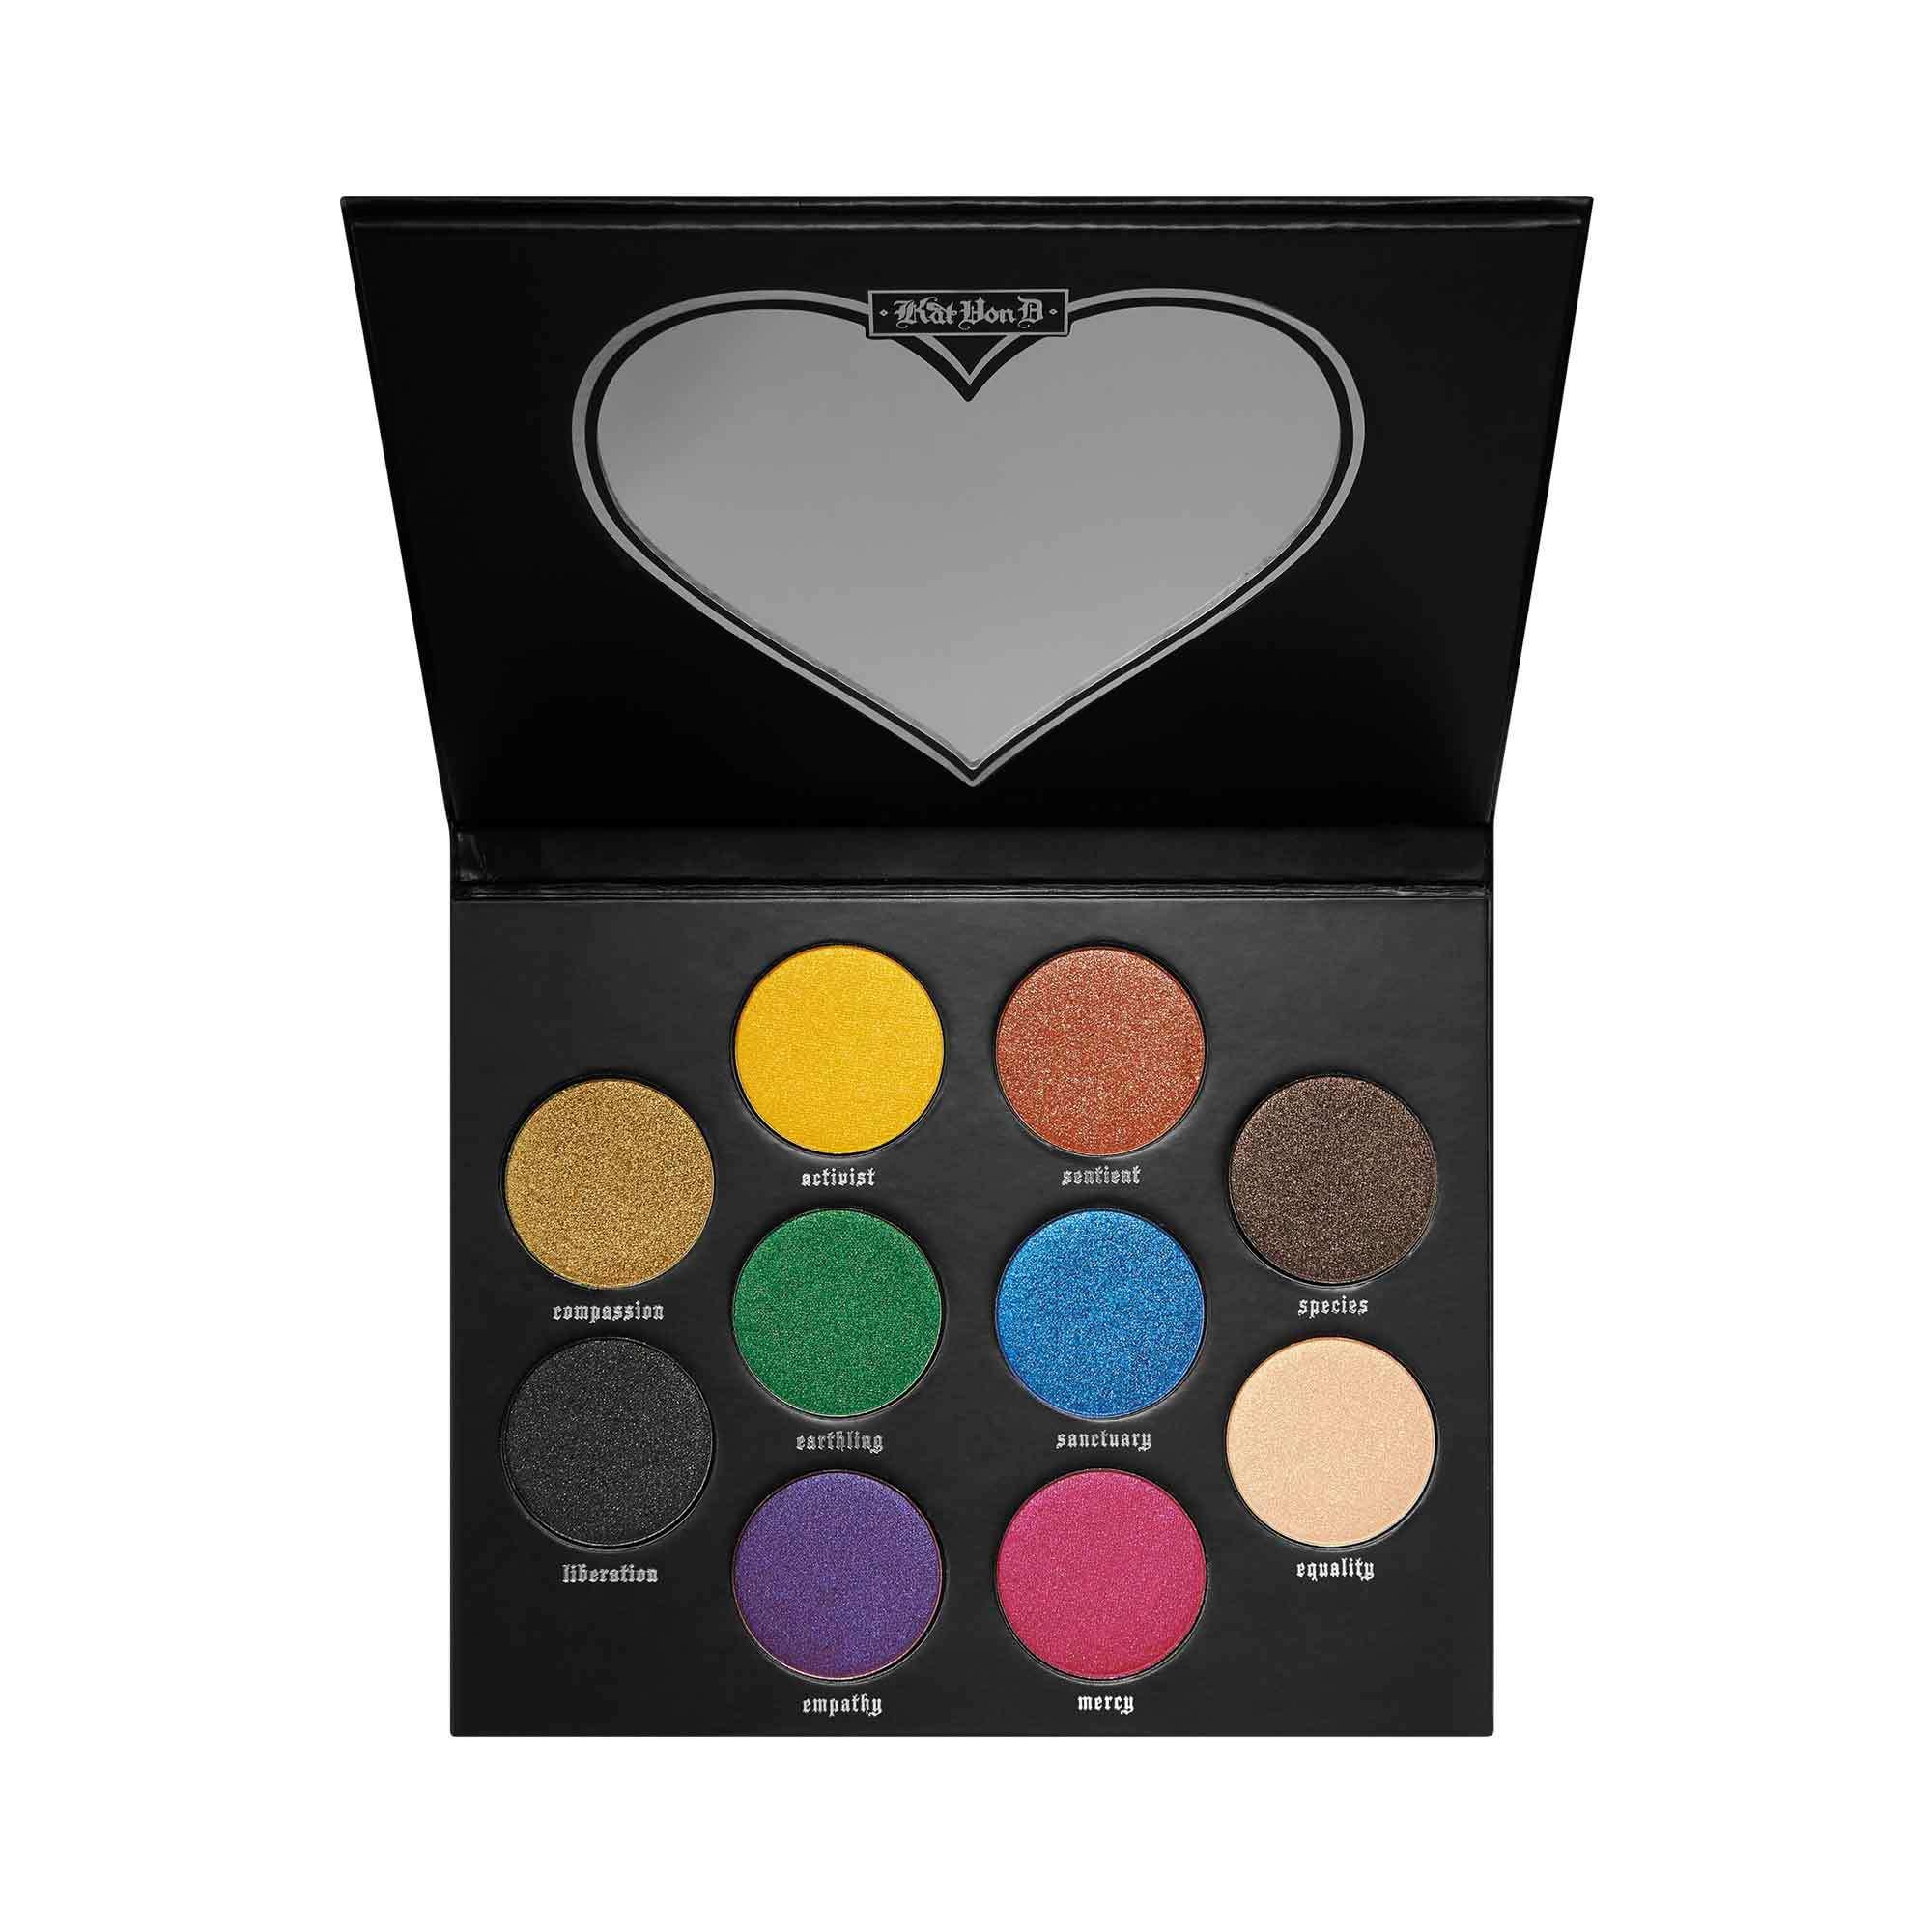 Kat Von D Vegan Love Eyeshadow Palette